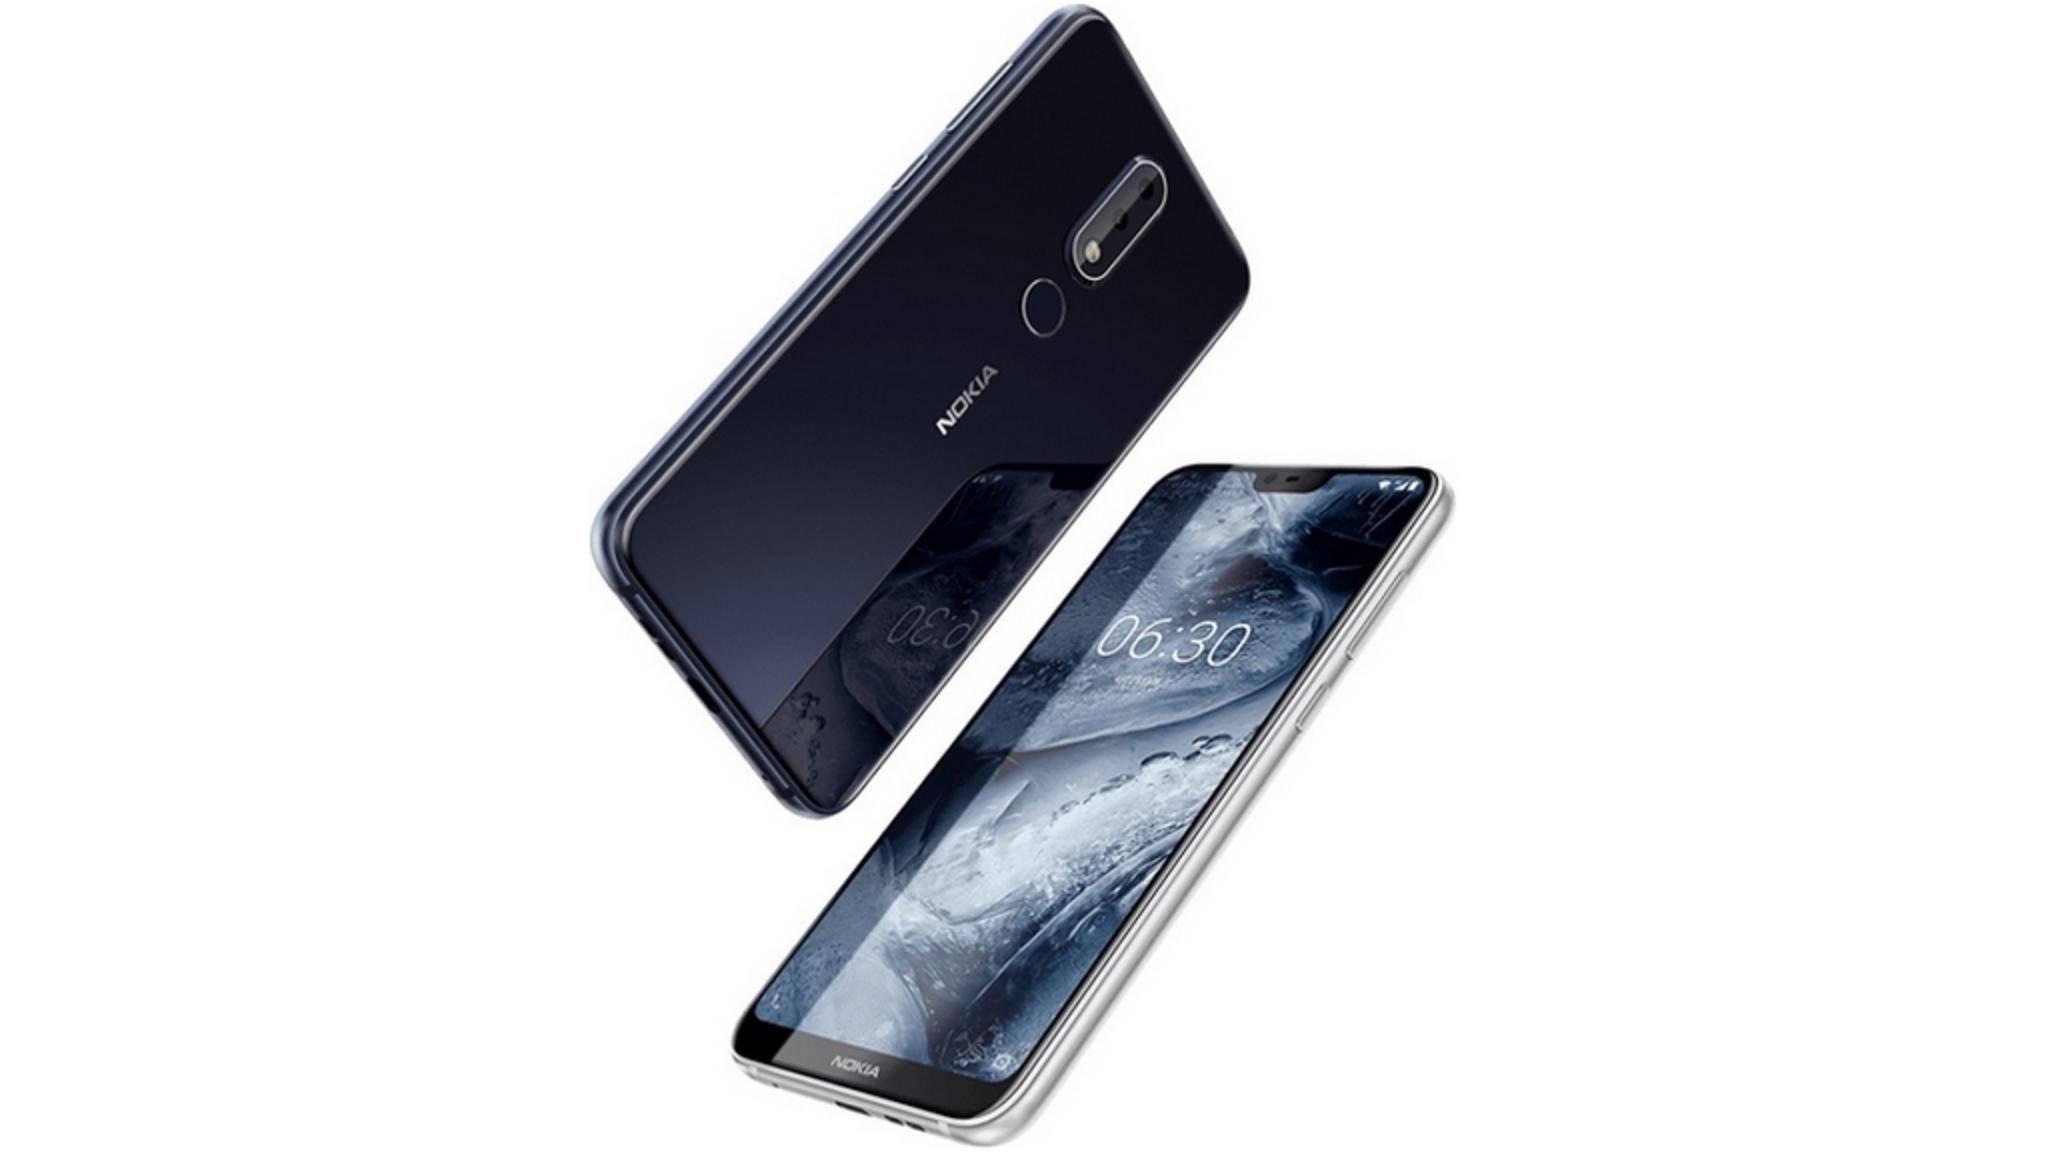 Das Nokia X6 ordnet sich technisch eher in der Smartphone-Mittelklasse ein.